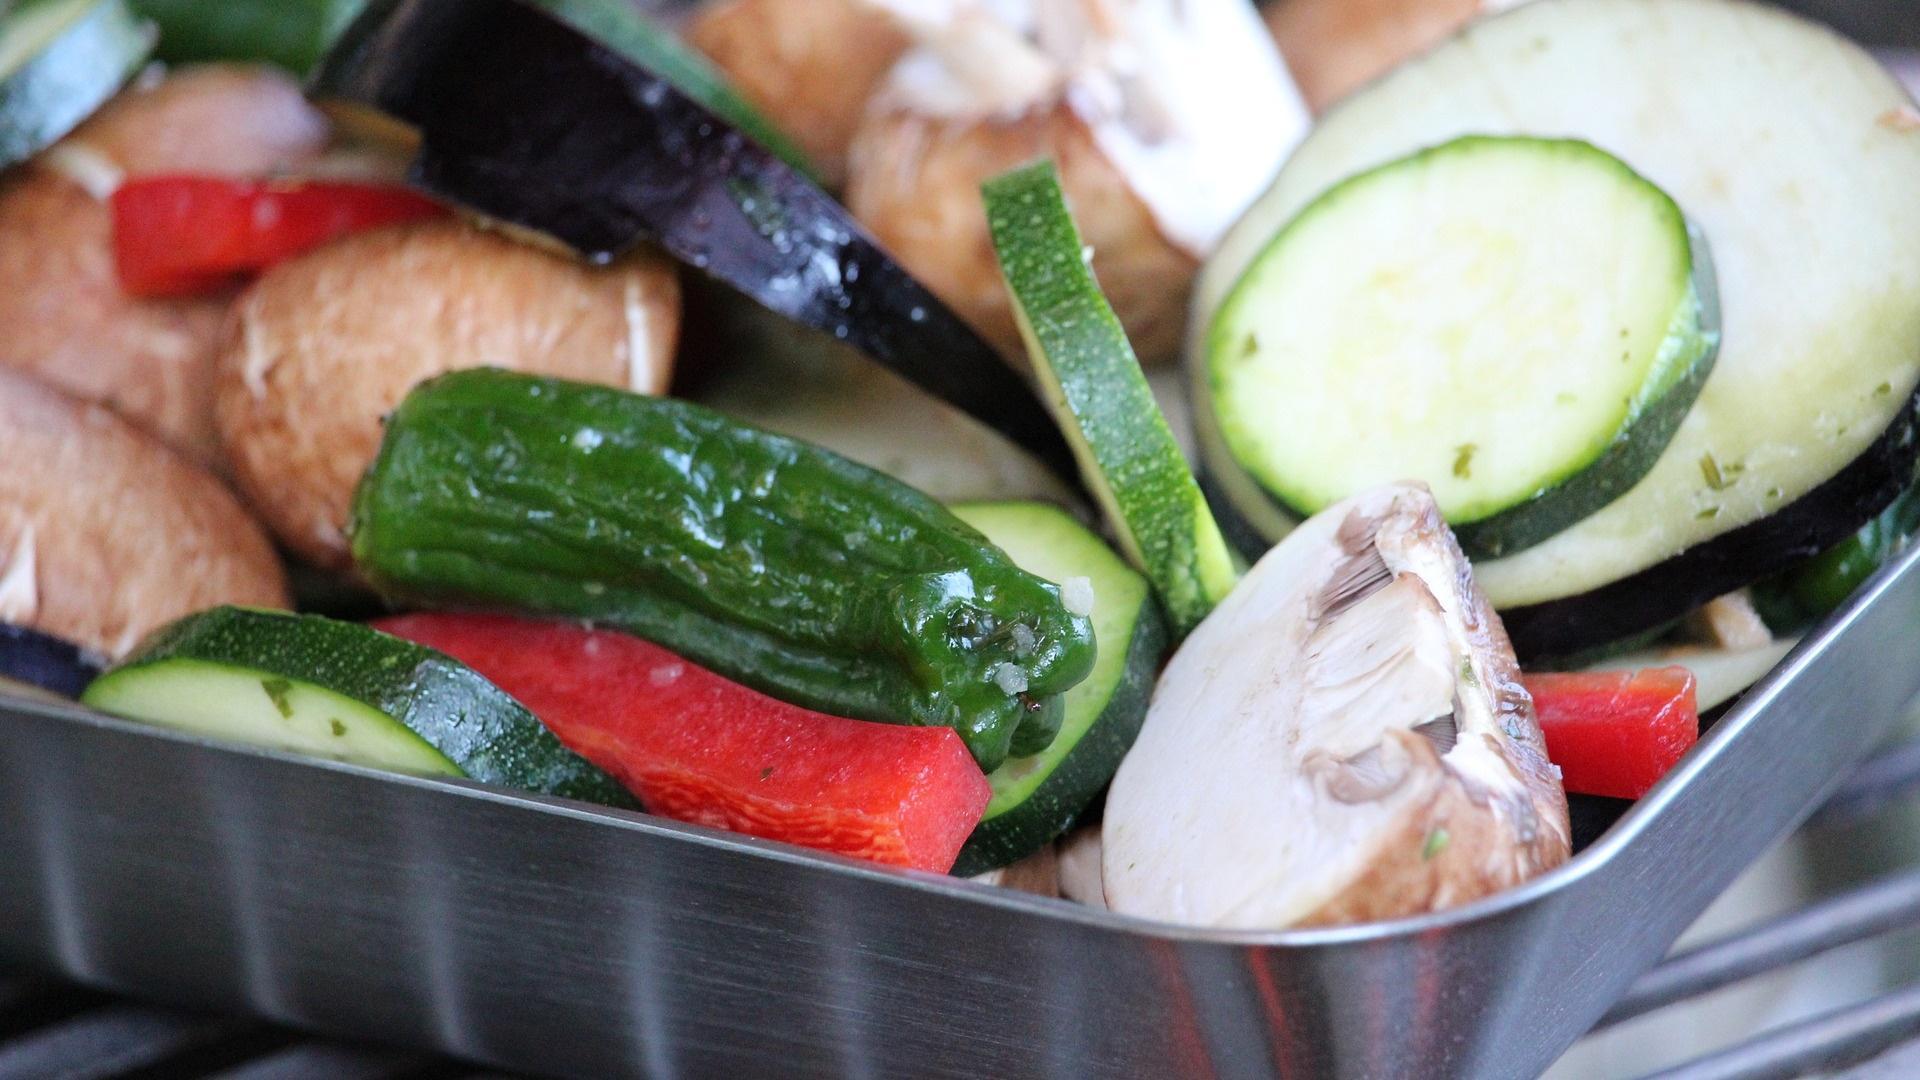 Gemüse darf beim Grillen nicht fehlen